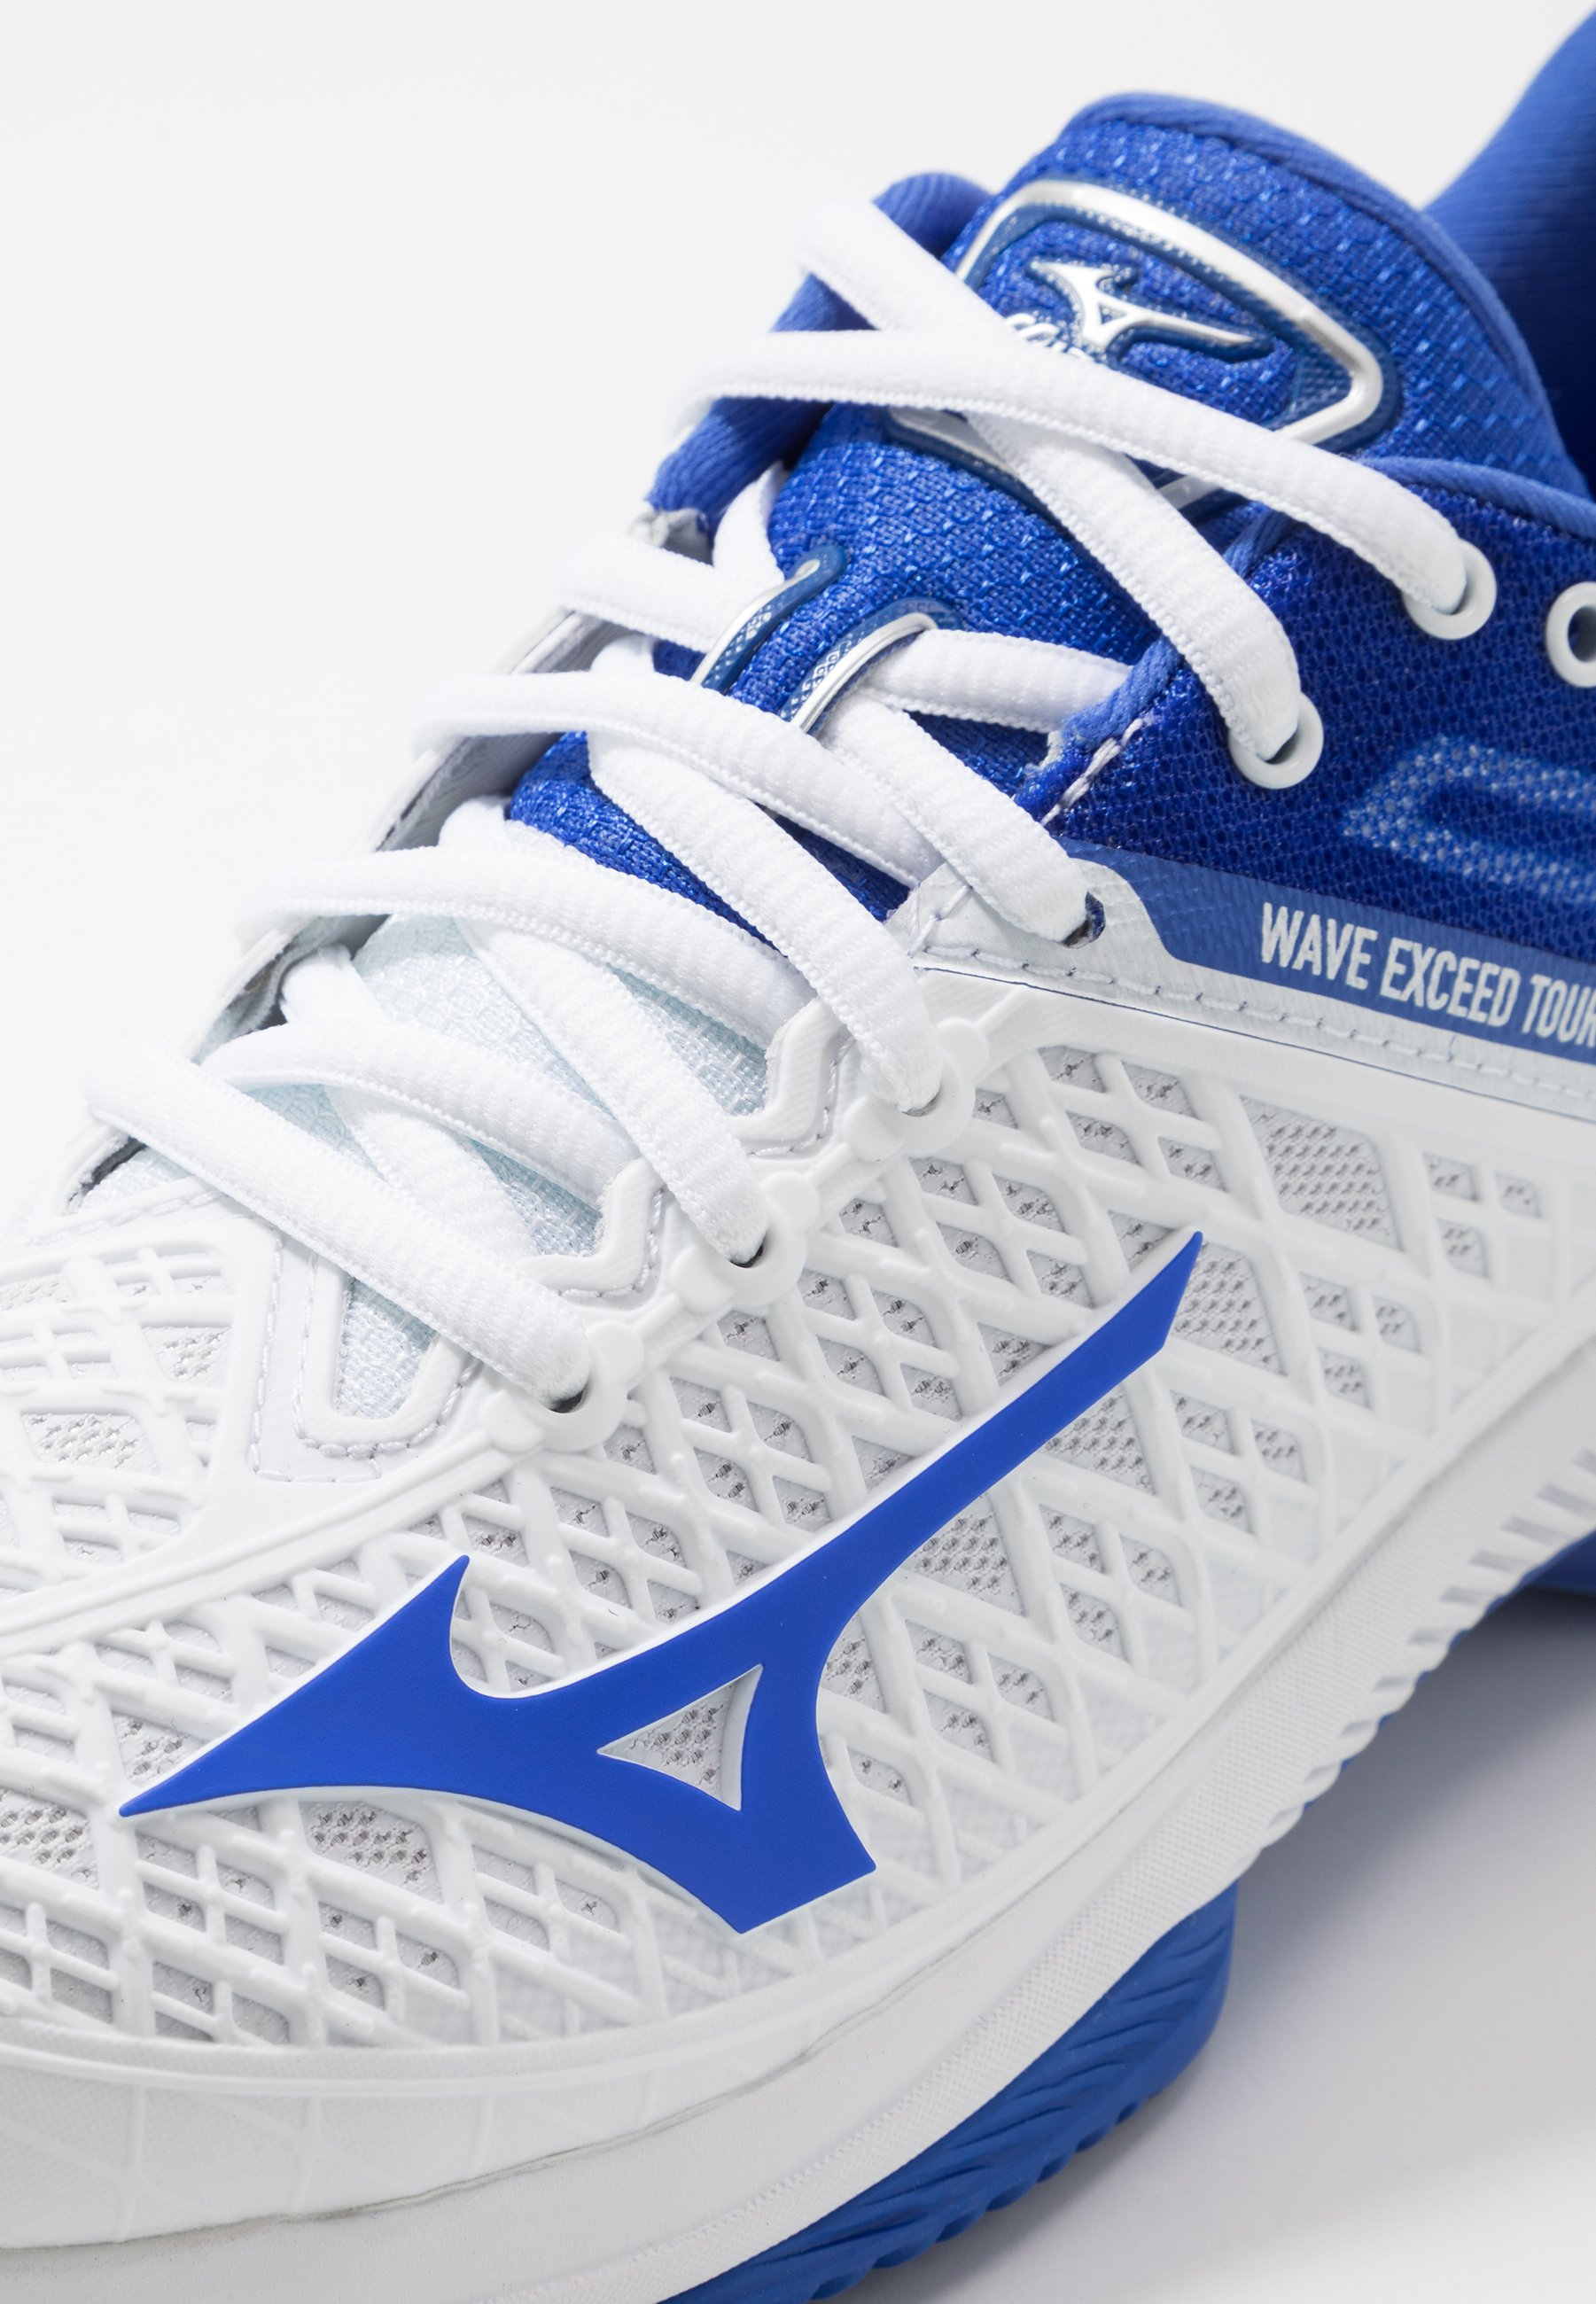 Mizuno Wave Exceed Tour 4 Cc - Tennisschoenen Voor Kleibanen White/dazzling Blue Goedkope Schoenen